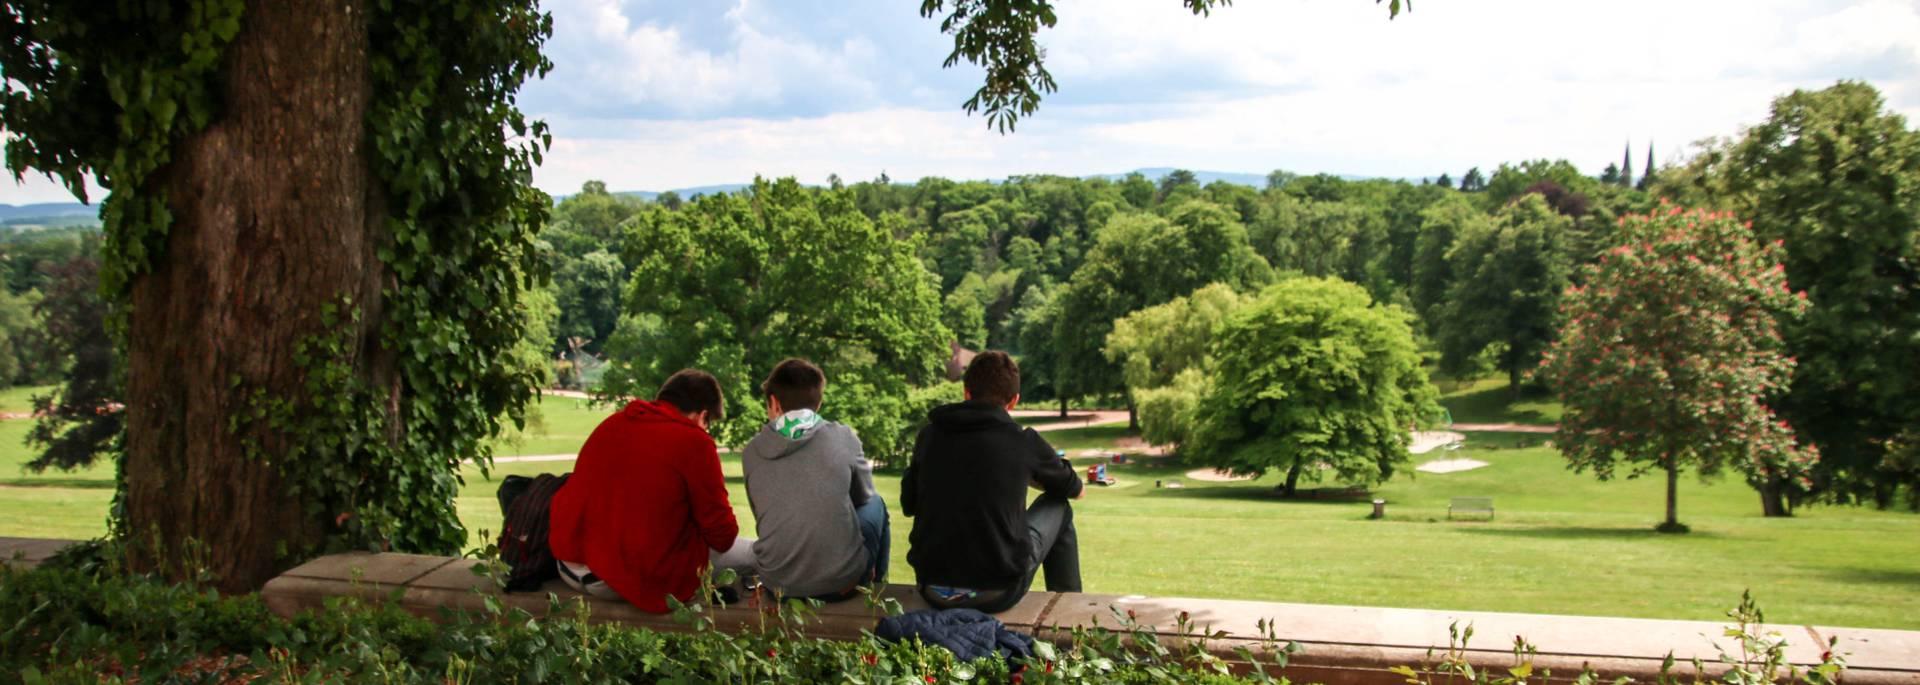 Pause détente dans le parc de la Verrerie, Le Creusot. © Lesley Williamson.